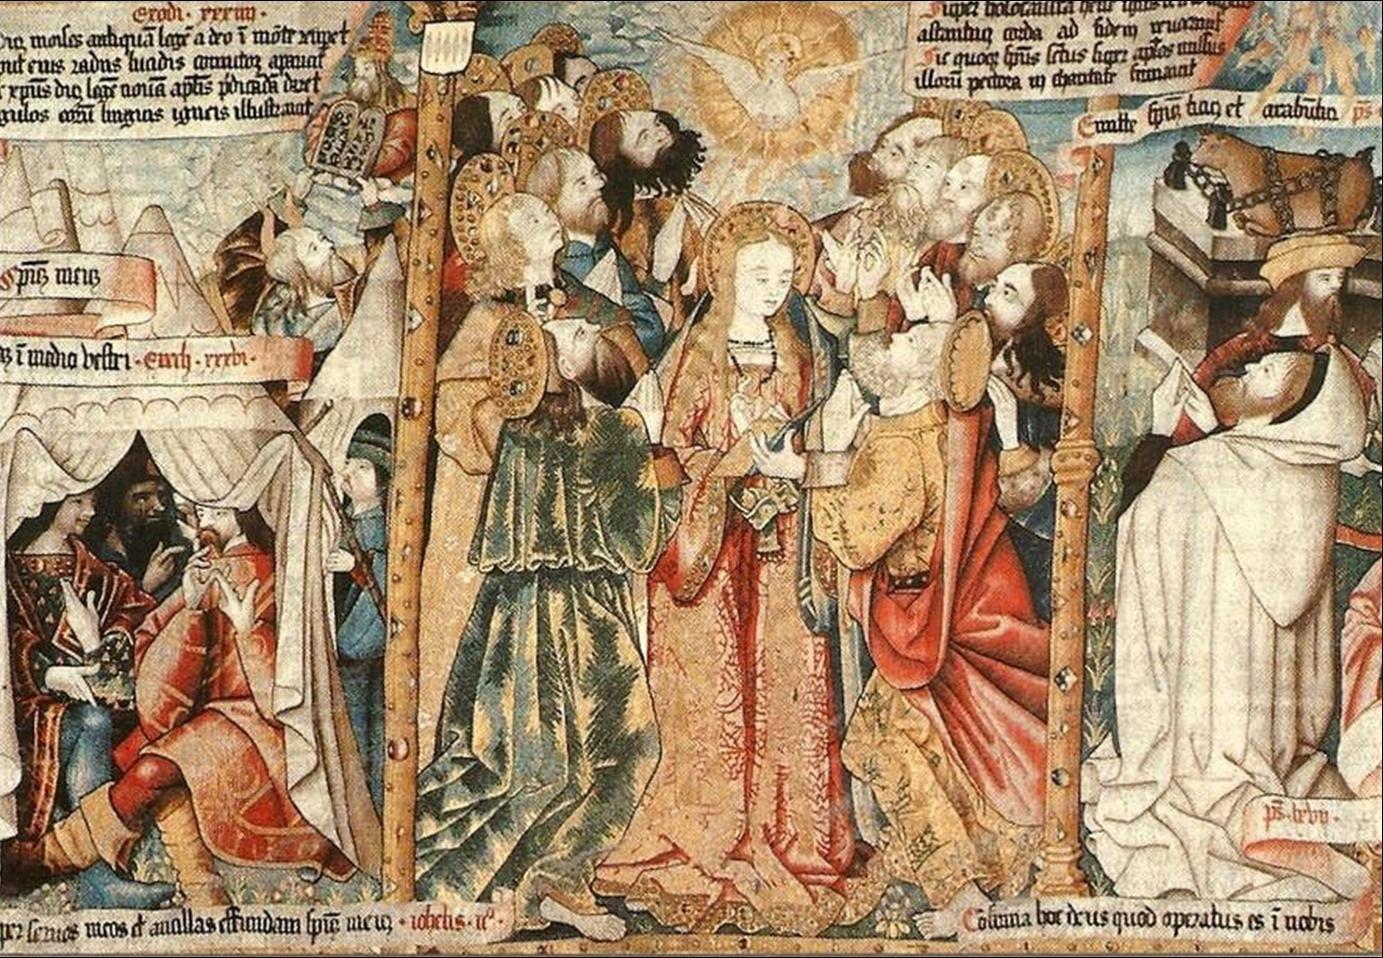 Le lundi de pentec te l 39 auvergne vue par papou poustache - Lundi de pentecote signification ...